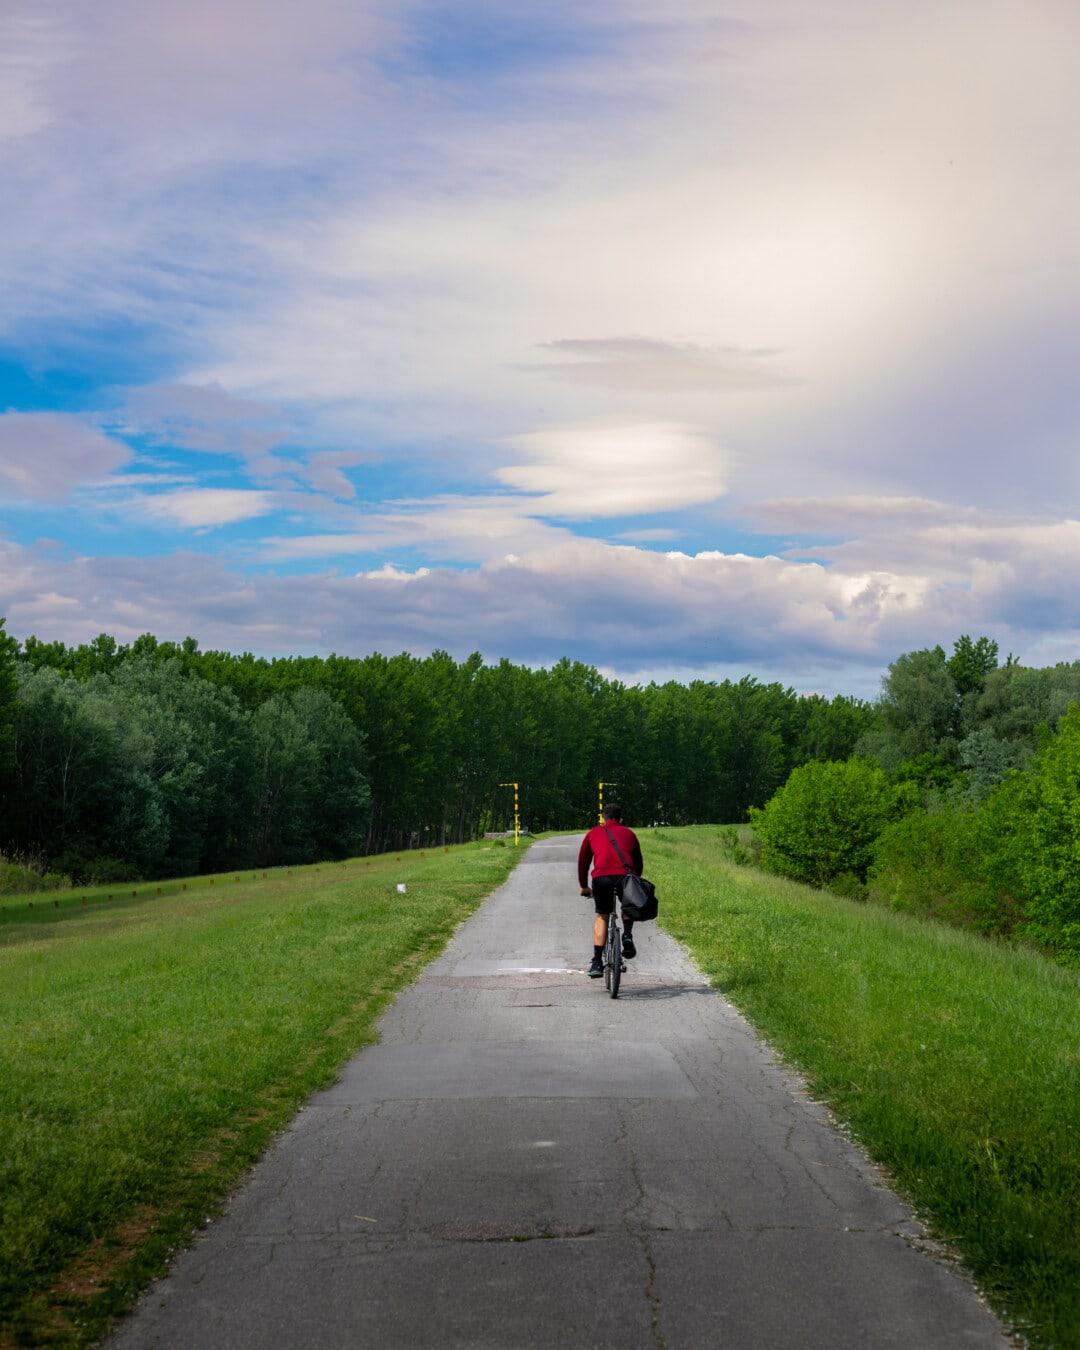 велосипед, Велоспорт, велосипедов, велосипедист, осина, дорога, наклон, восхождение, девушка, велосипед